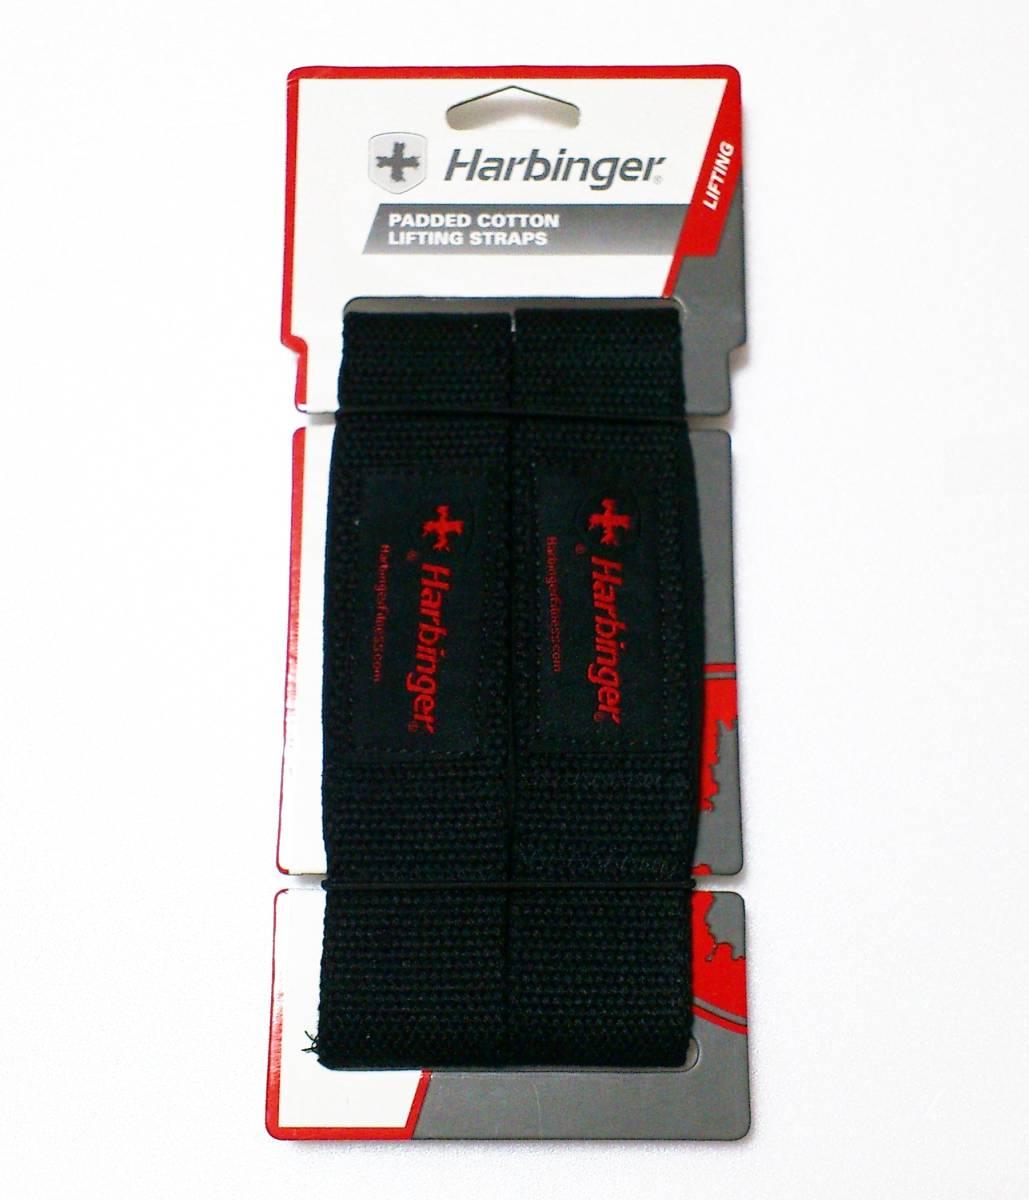 Harbinger/ハービンジャー/リフティング/ストラップ/ペア/バーベル/ダンベル/トレーニング/懸垂/ラットプル/デッドリフト_画像2